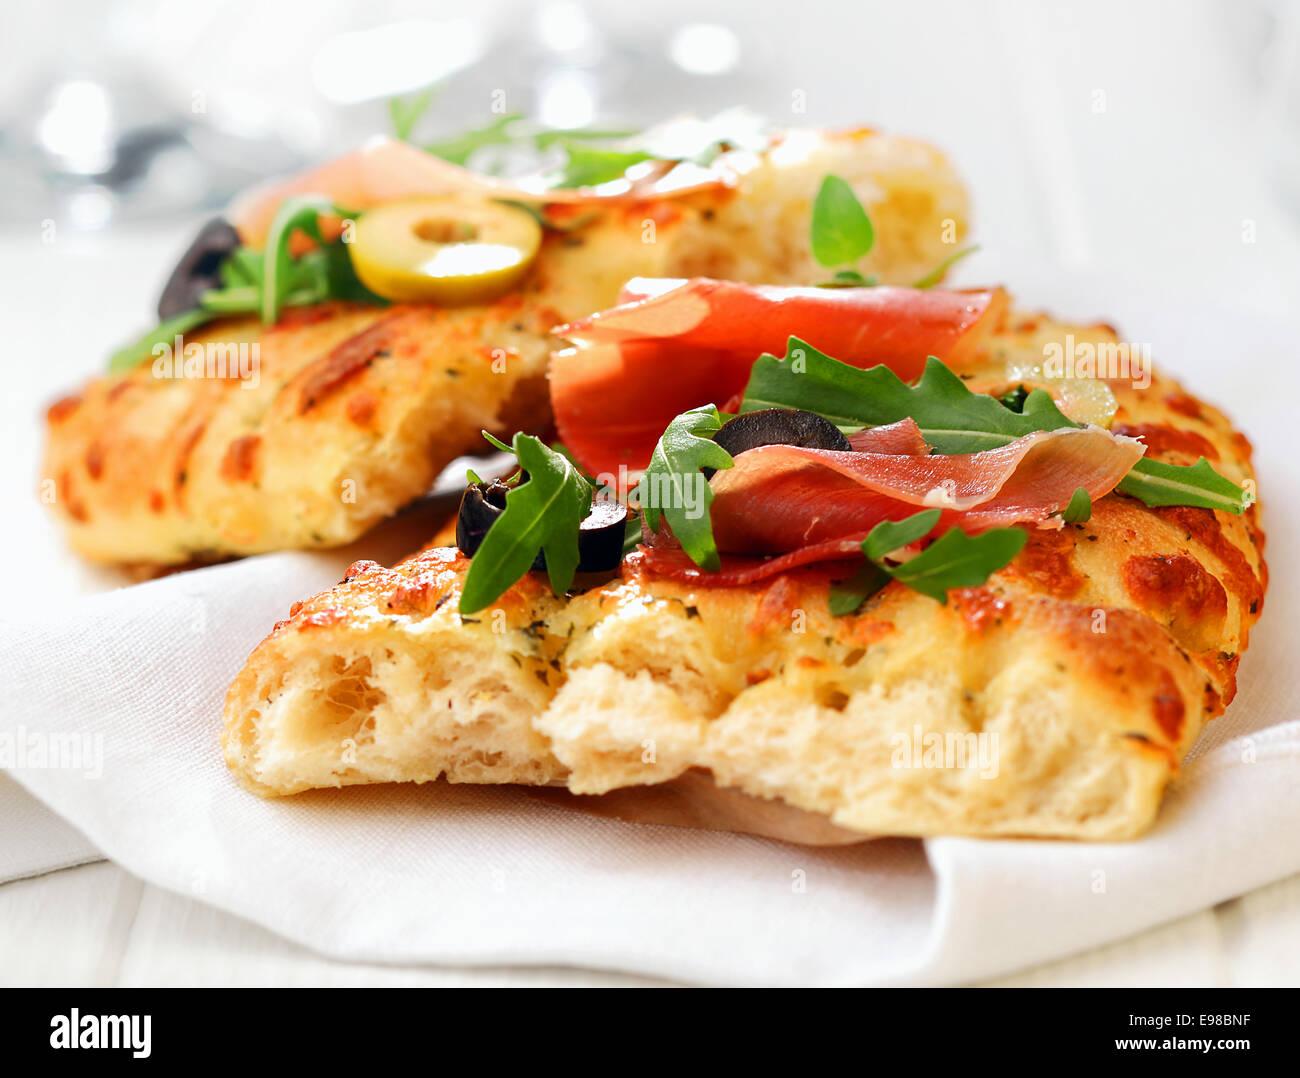 Leckere frisch gebackene traditionelle italienische Focaccia-Brot mit Schinken, Oliven und Rucola auf eine weiße Stockbild